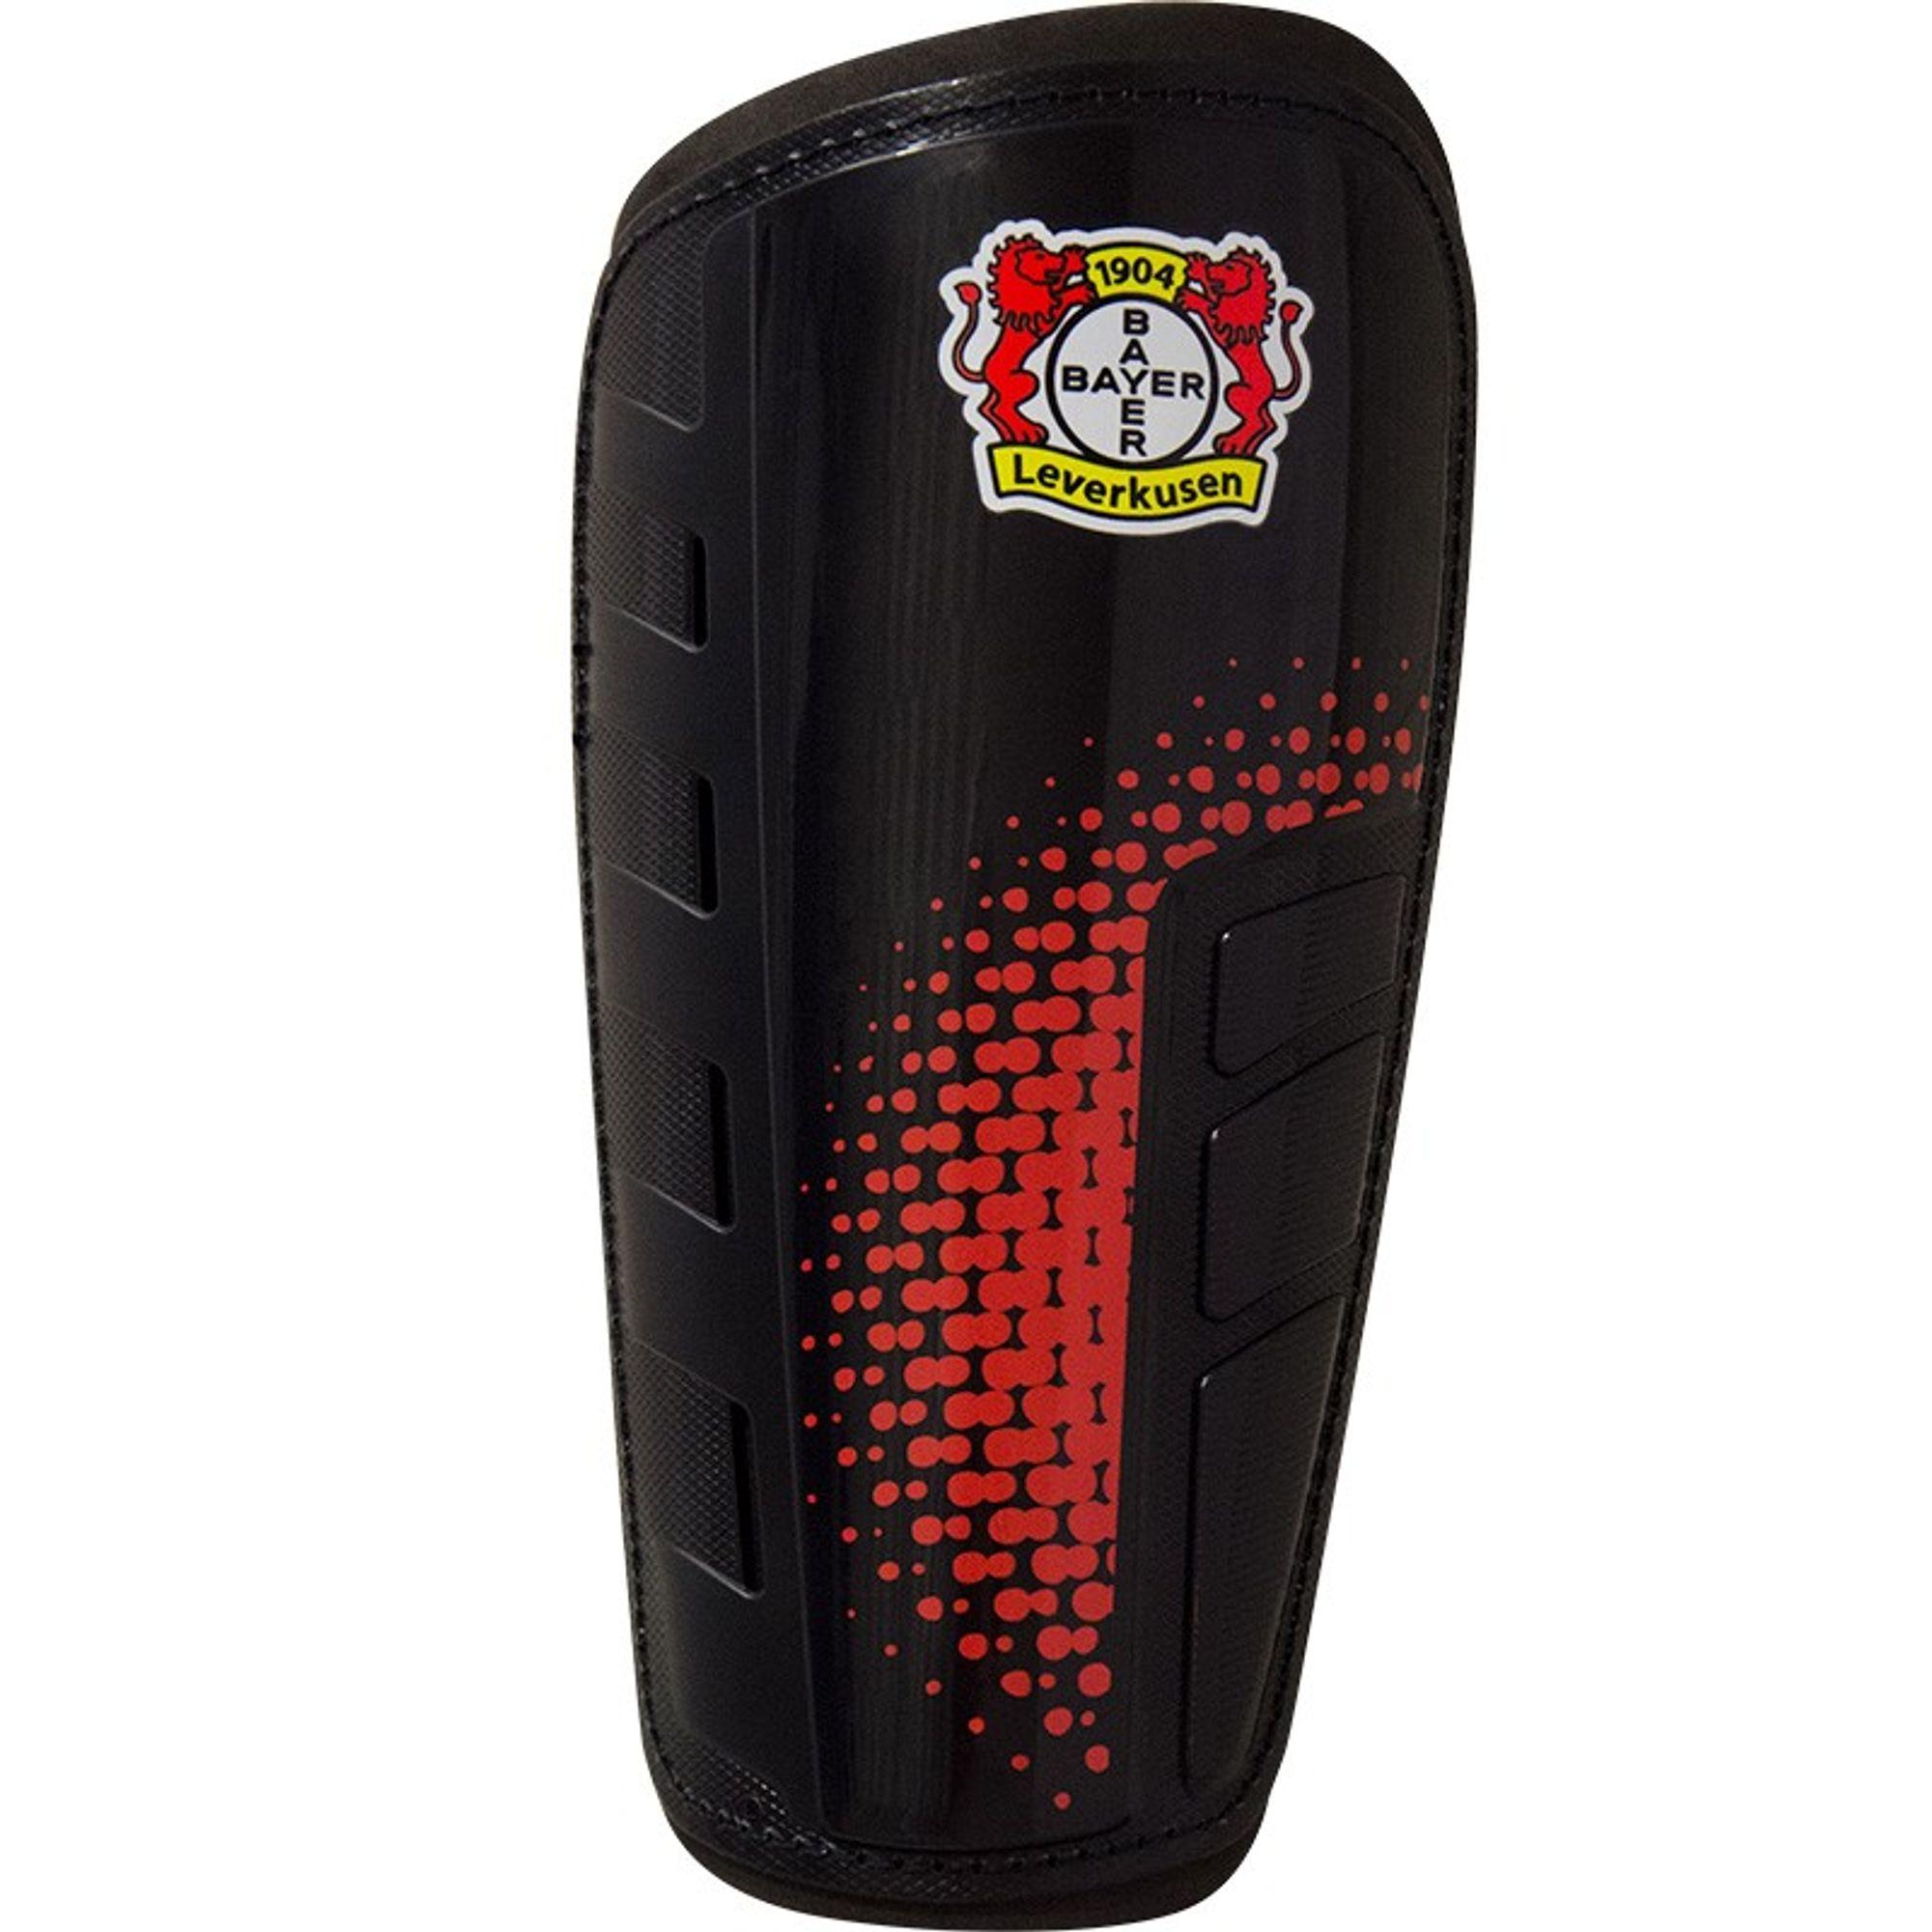 Jako Bayer 04 Leverkusen Schienbeinschoner - schwarz